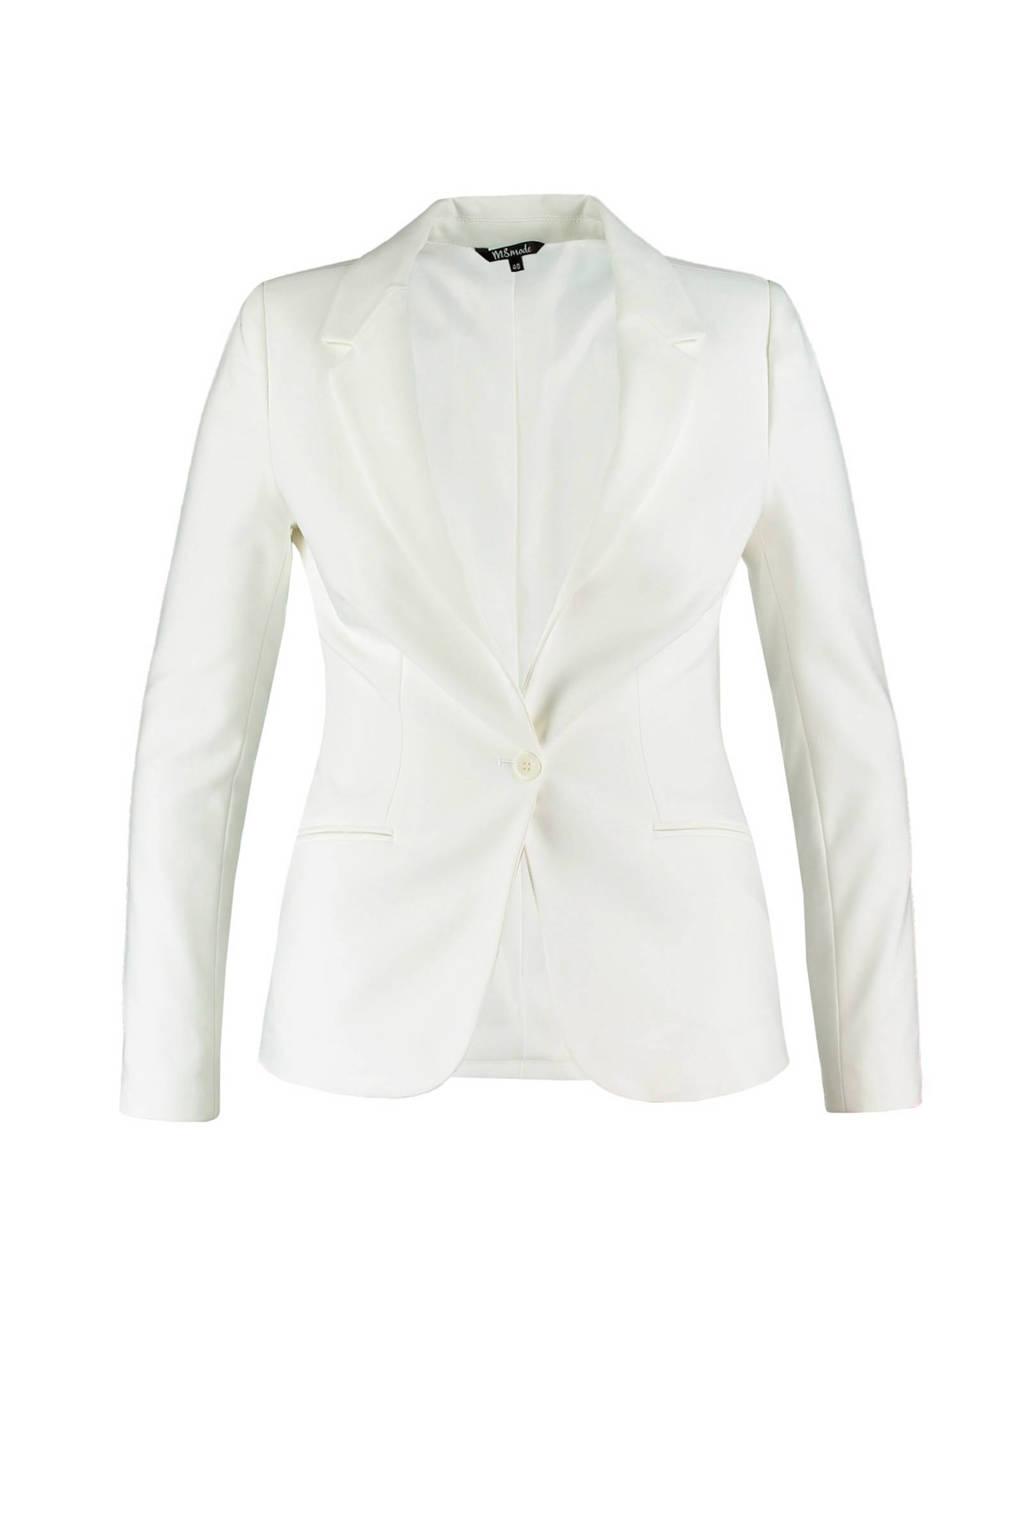 MS Mode blazer, Wit